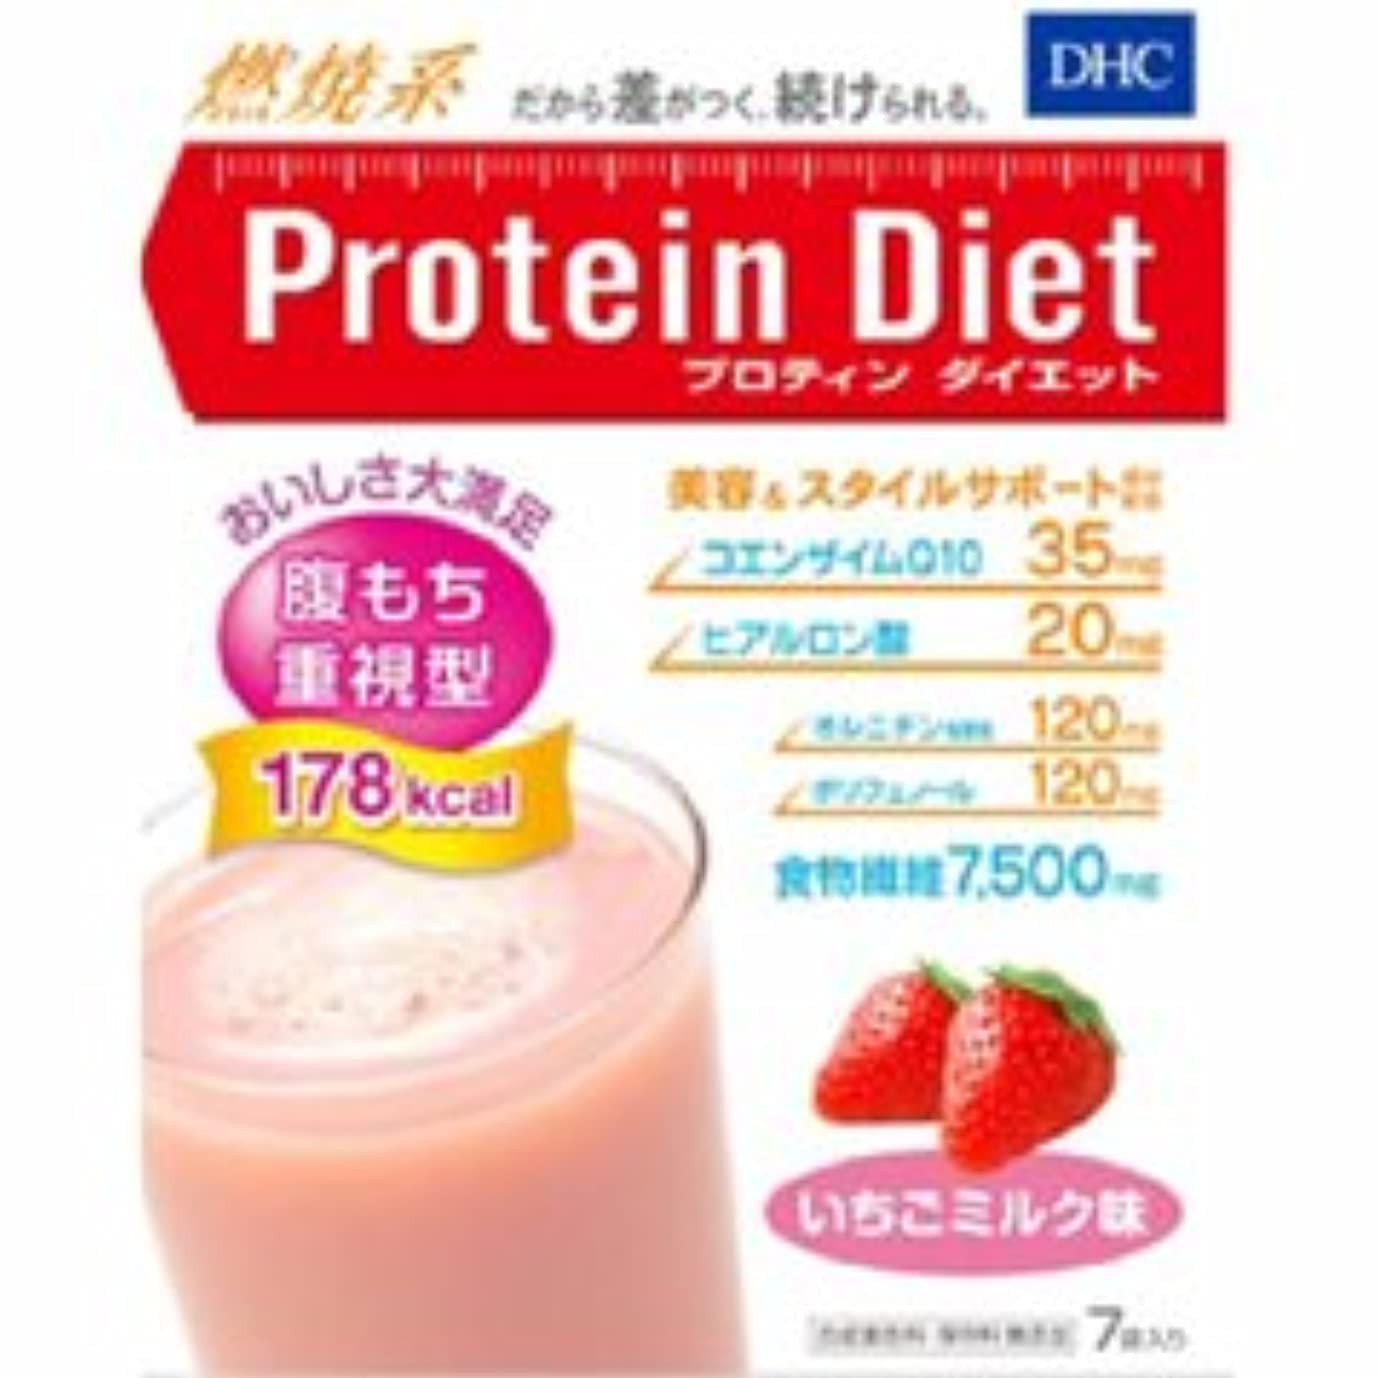 DHCの健康食品 プロティンダイエット いちごミルク味 50g×7袋 【DHC】